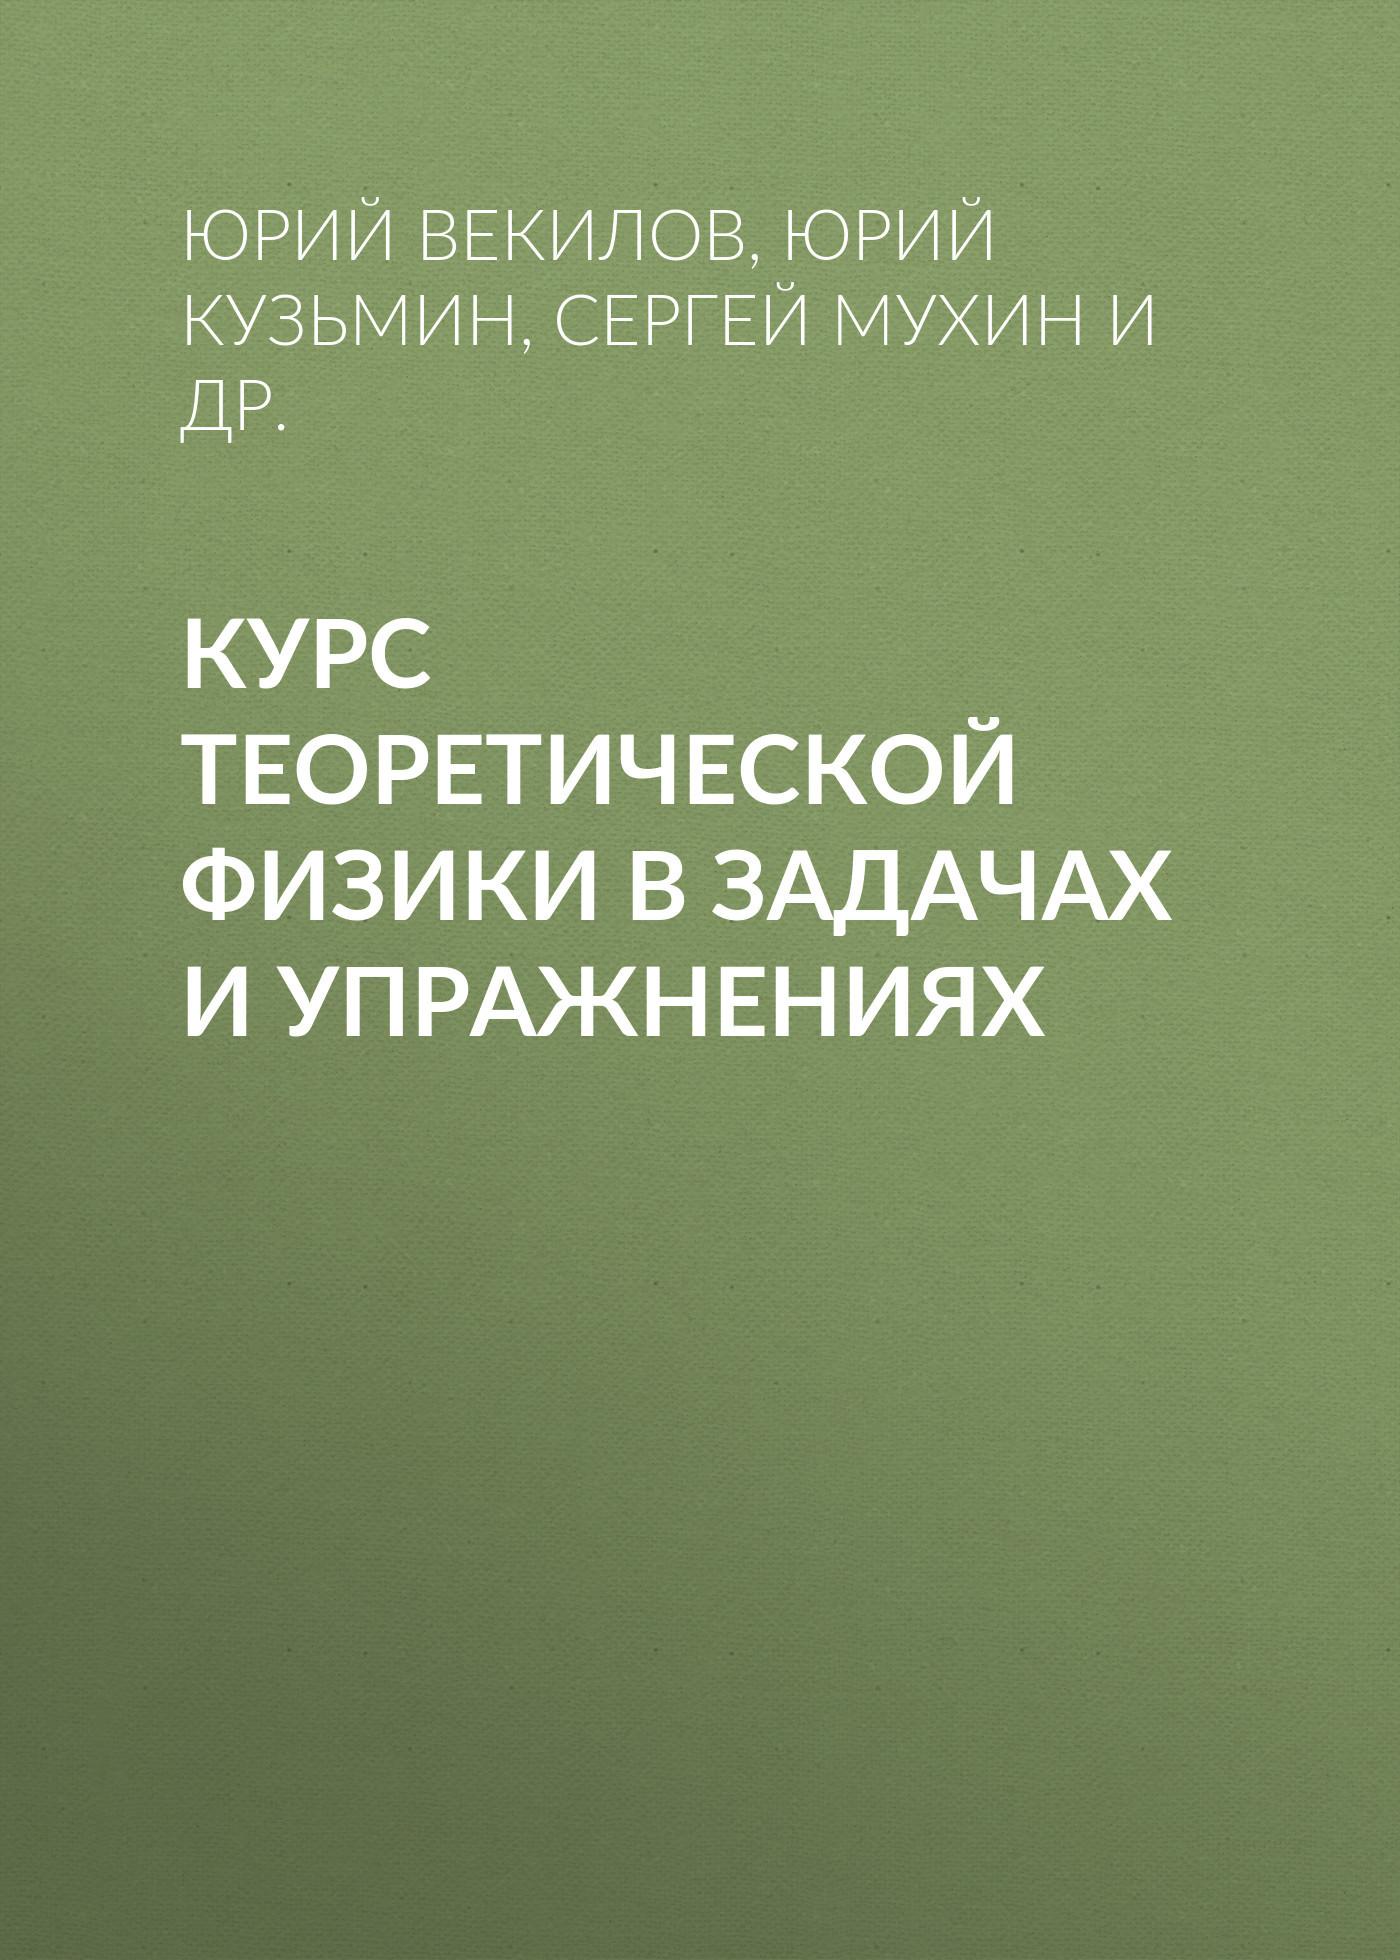 Юрий Векилов Курс теоретической физики в задачах и упражнениях